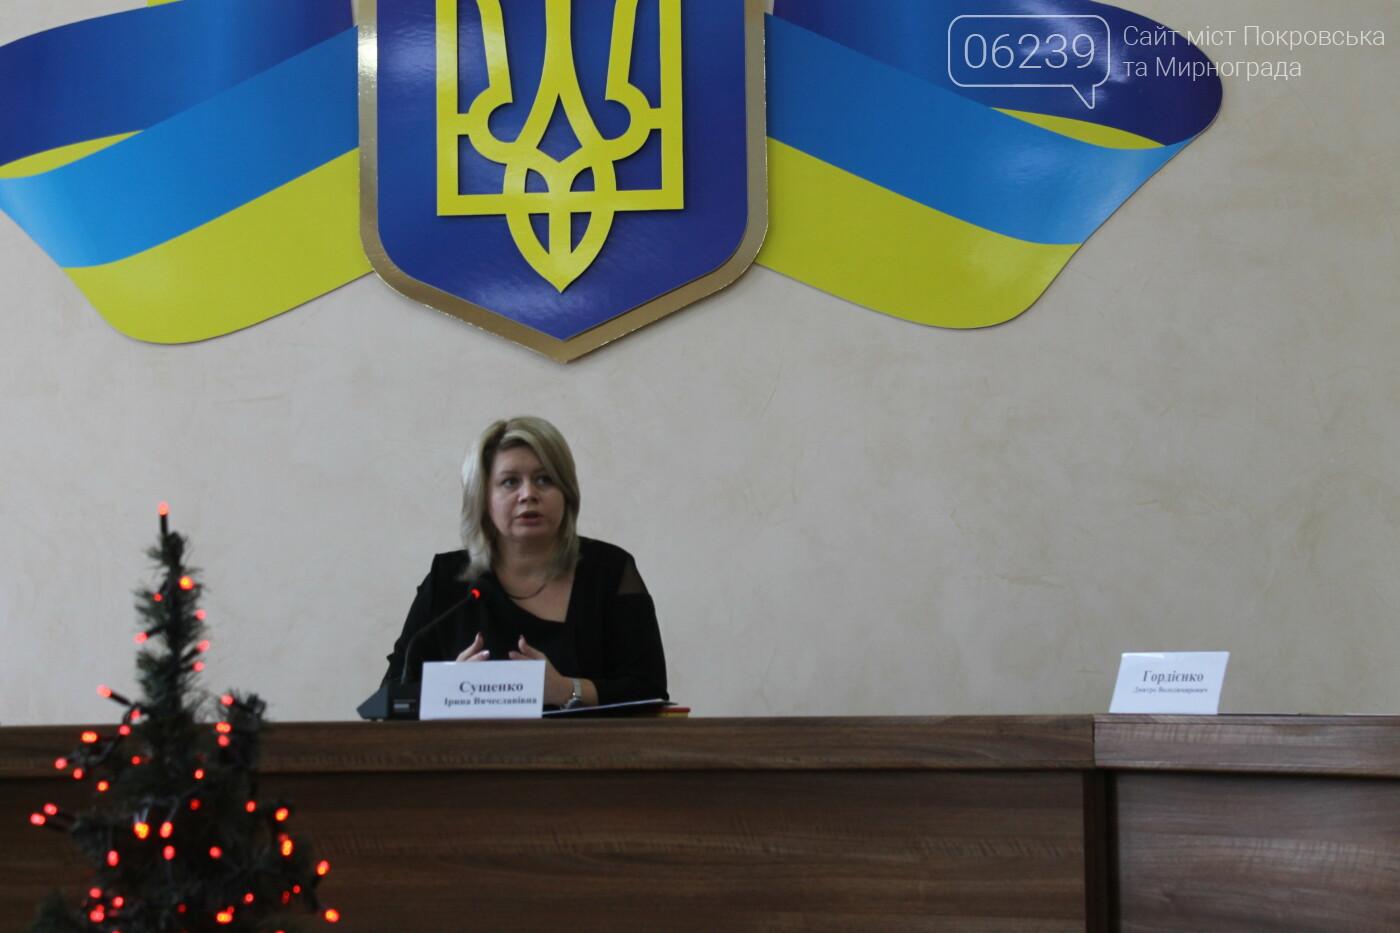 На исполкоме в Покровске официально пересчитали размер платы за тепло , фото-4